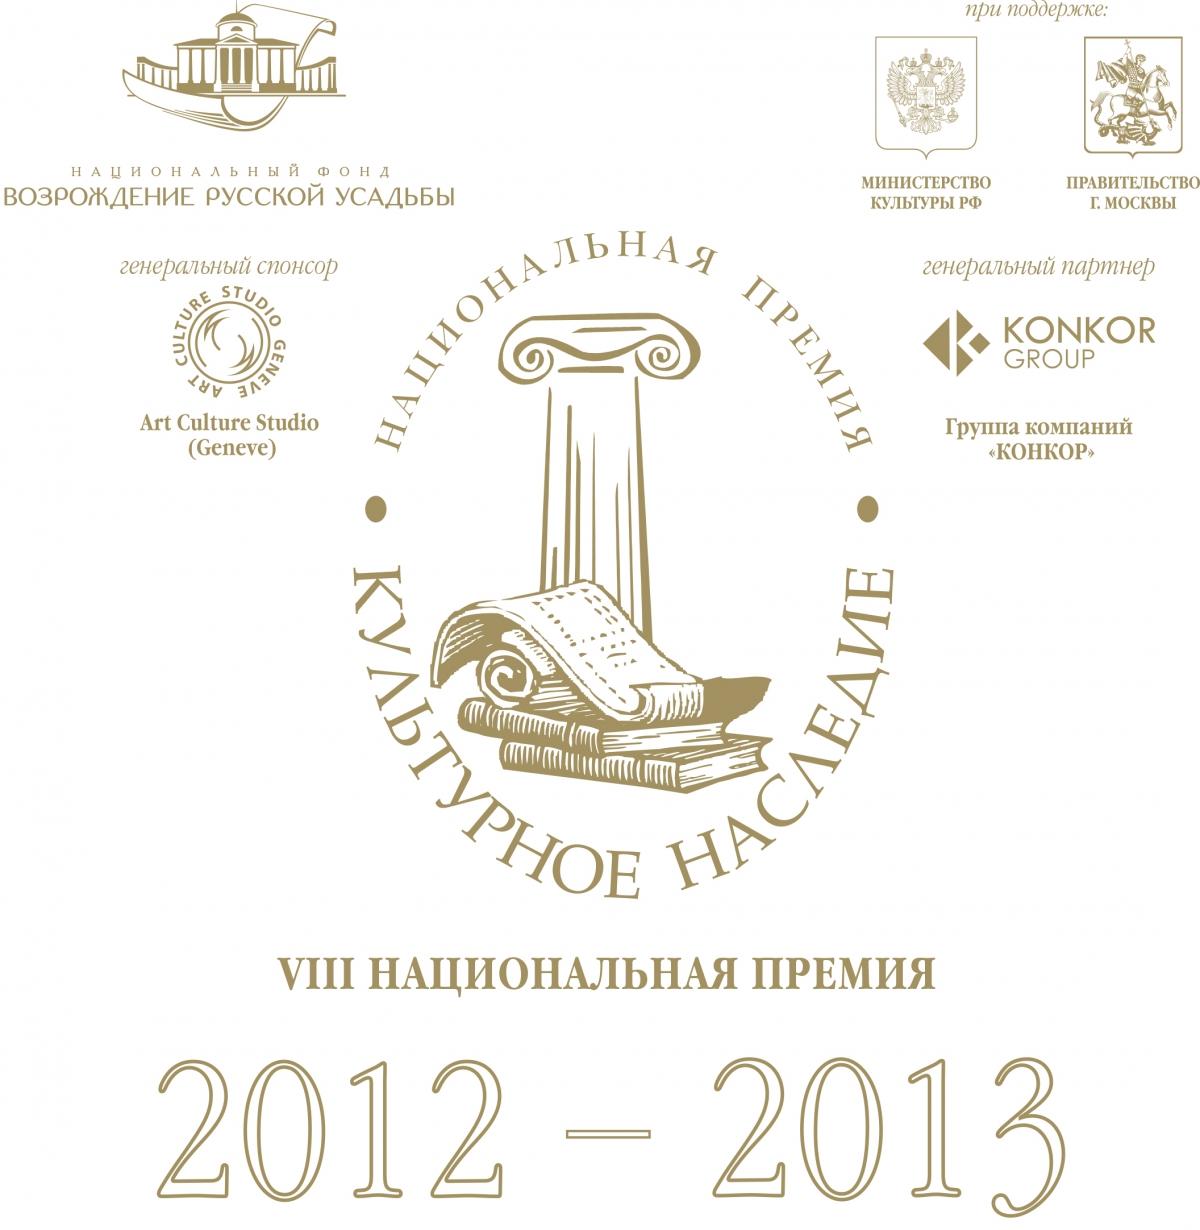 VIII Национальная Премия  «Культурное Наследие» 2013